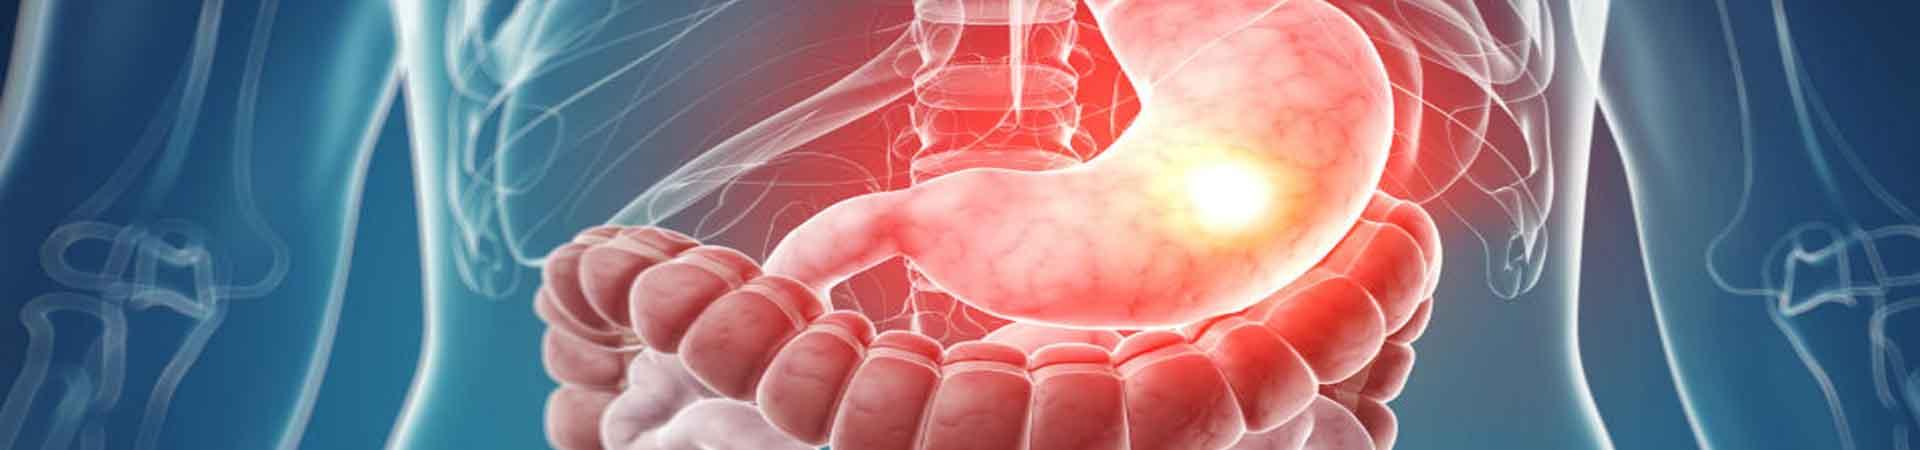 Gastroenterology Open Access Journals | Gastroenterology